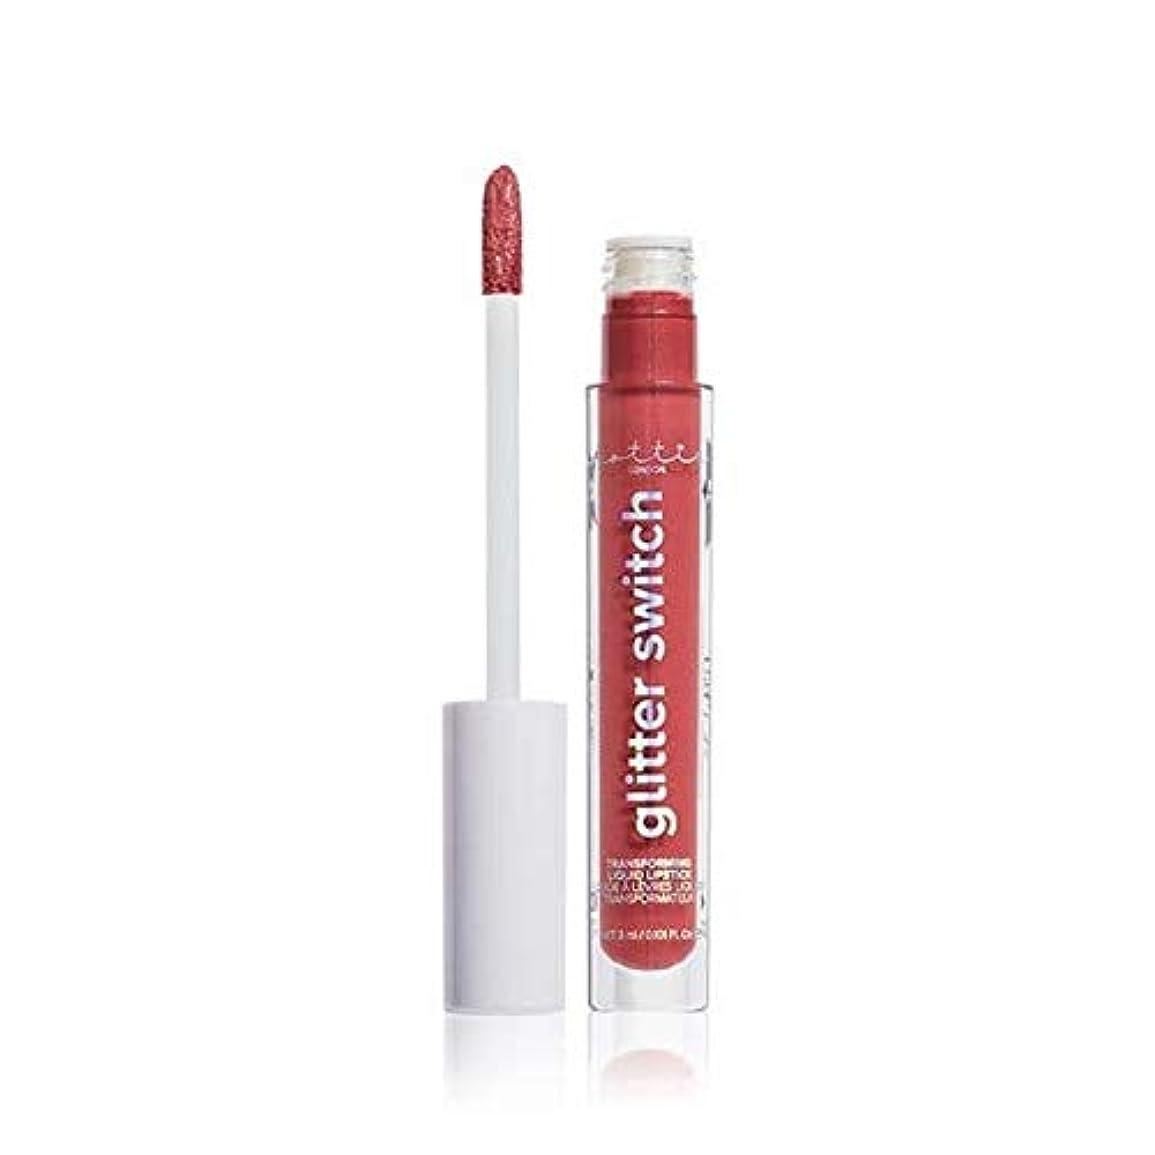 鍔マスタード長方形[Lottie London] Lottieロンドングリッタースイッチは、口紅ハイローラーを変換します - Lottie London Glitter Switch Transform Lipstick High Roller...